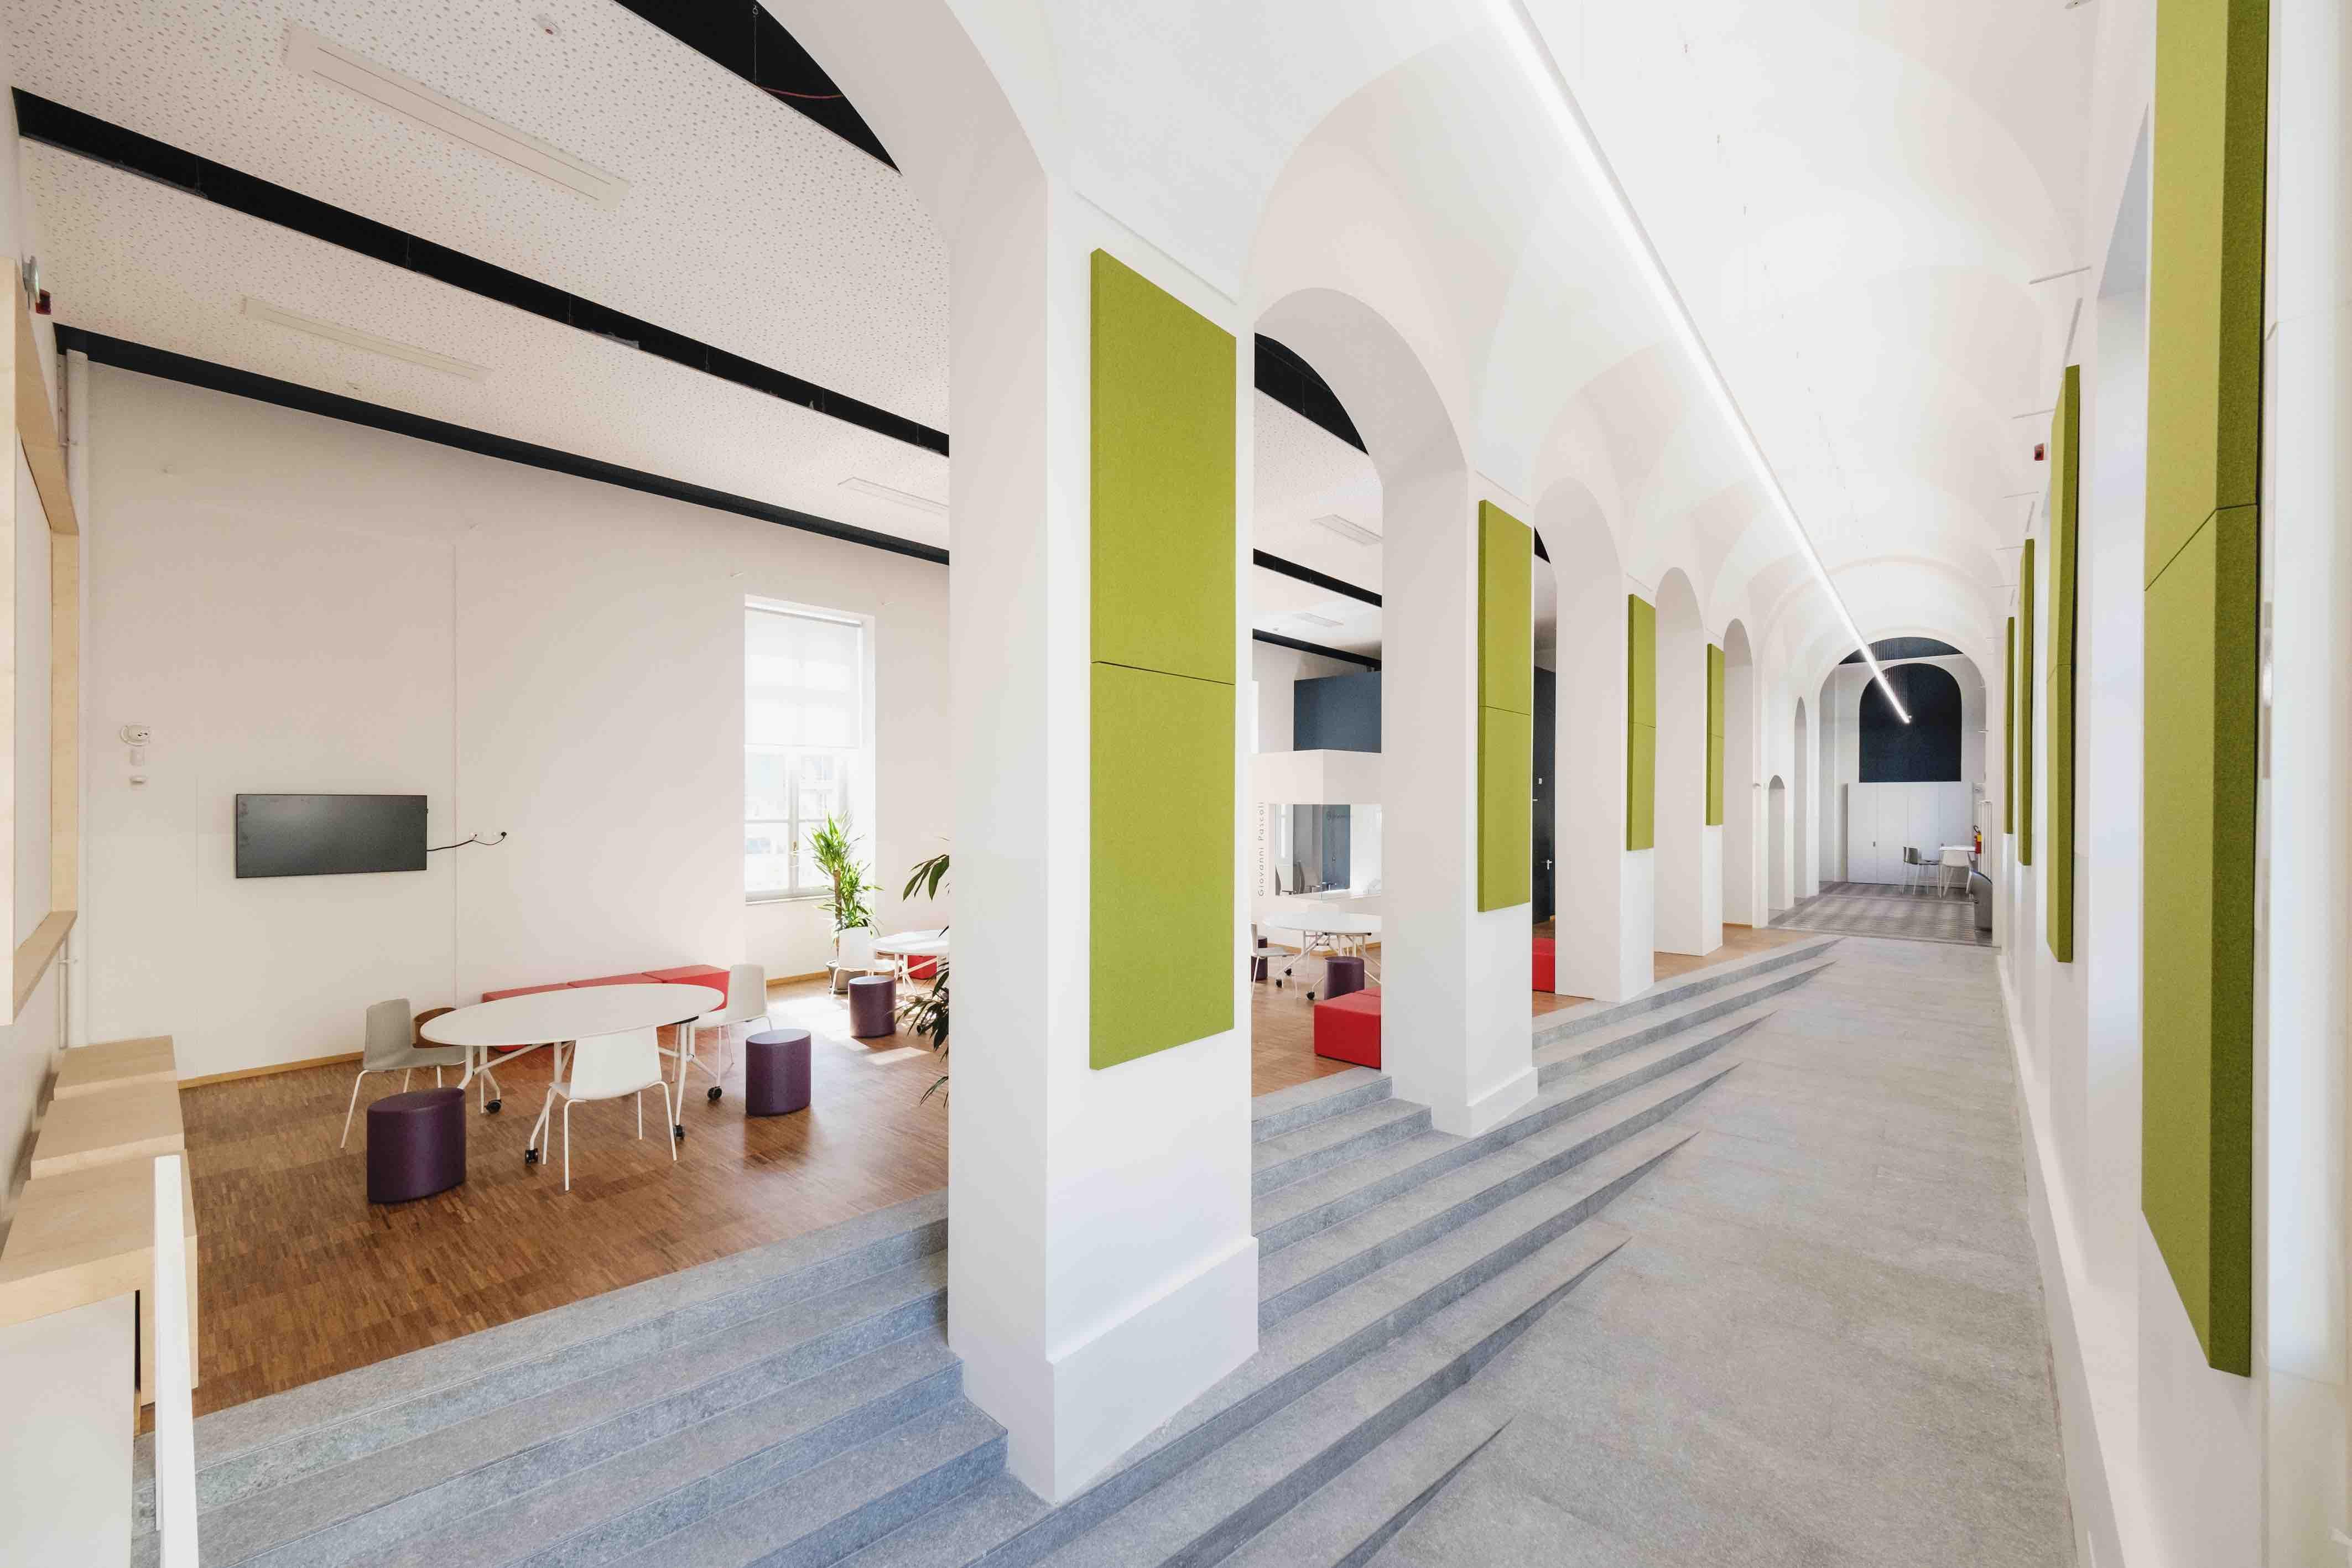 Lavoro Per Architetti Torino la scuola pascoli di torino progettata da archisbang e